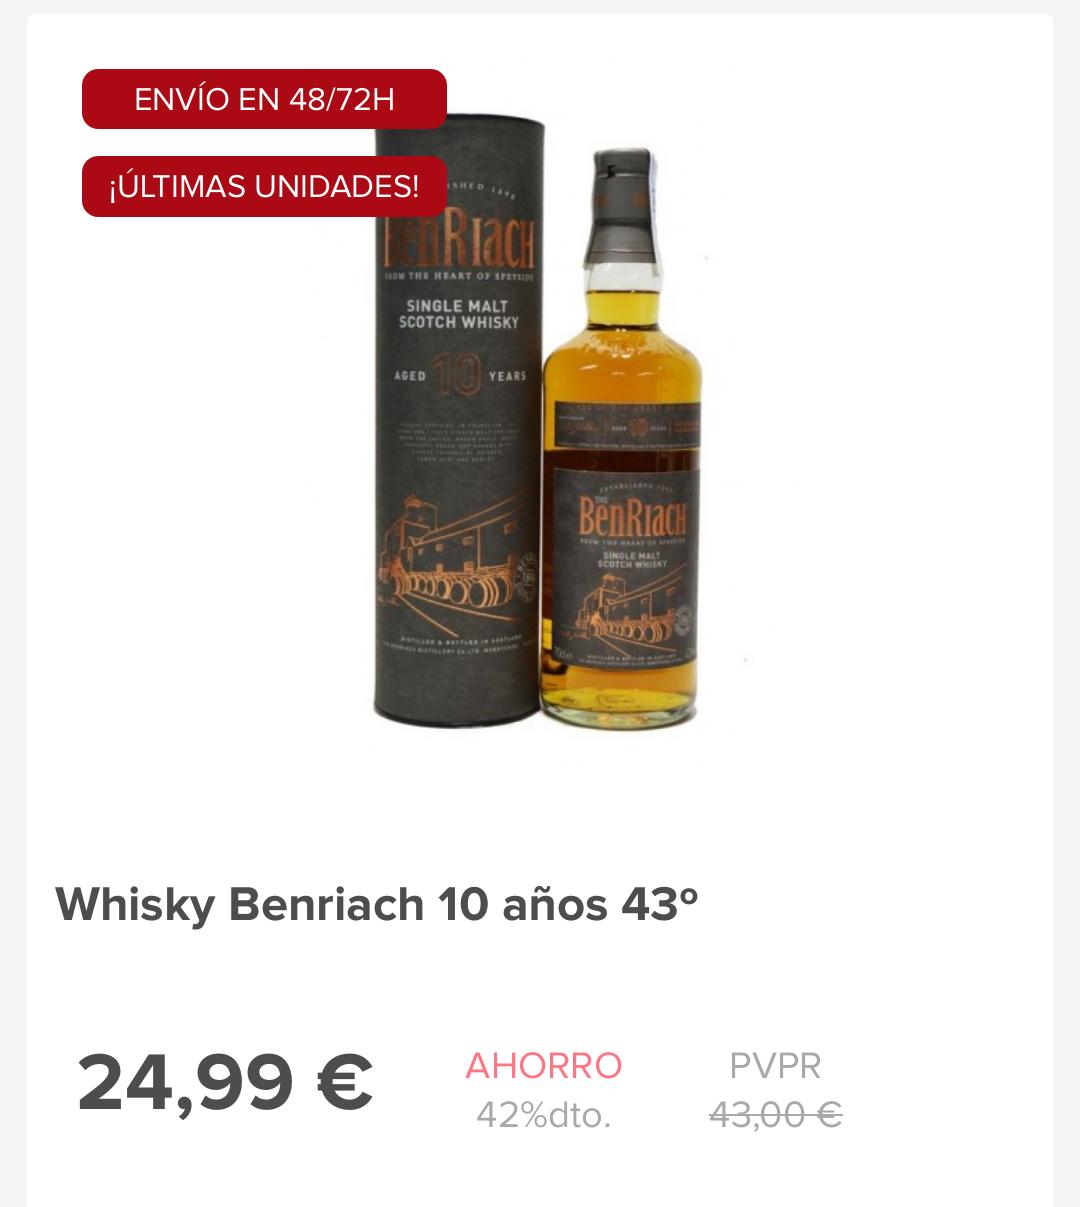 Benriach 10 años. Single Malt Scotch Whisky. Con el cupón JUERNES no pagas gastos de envío